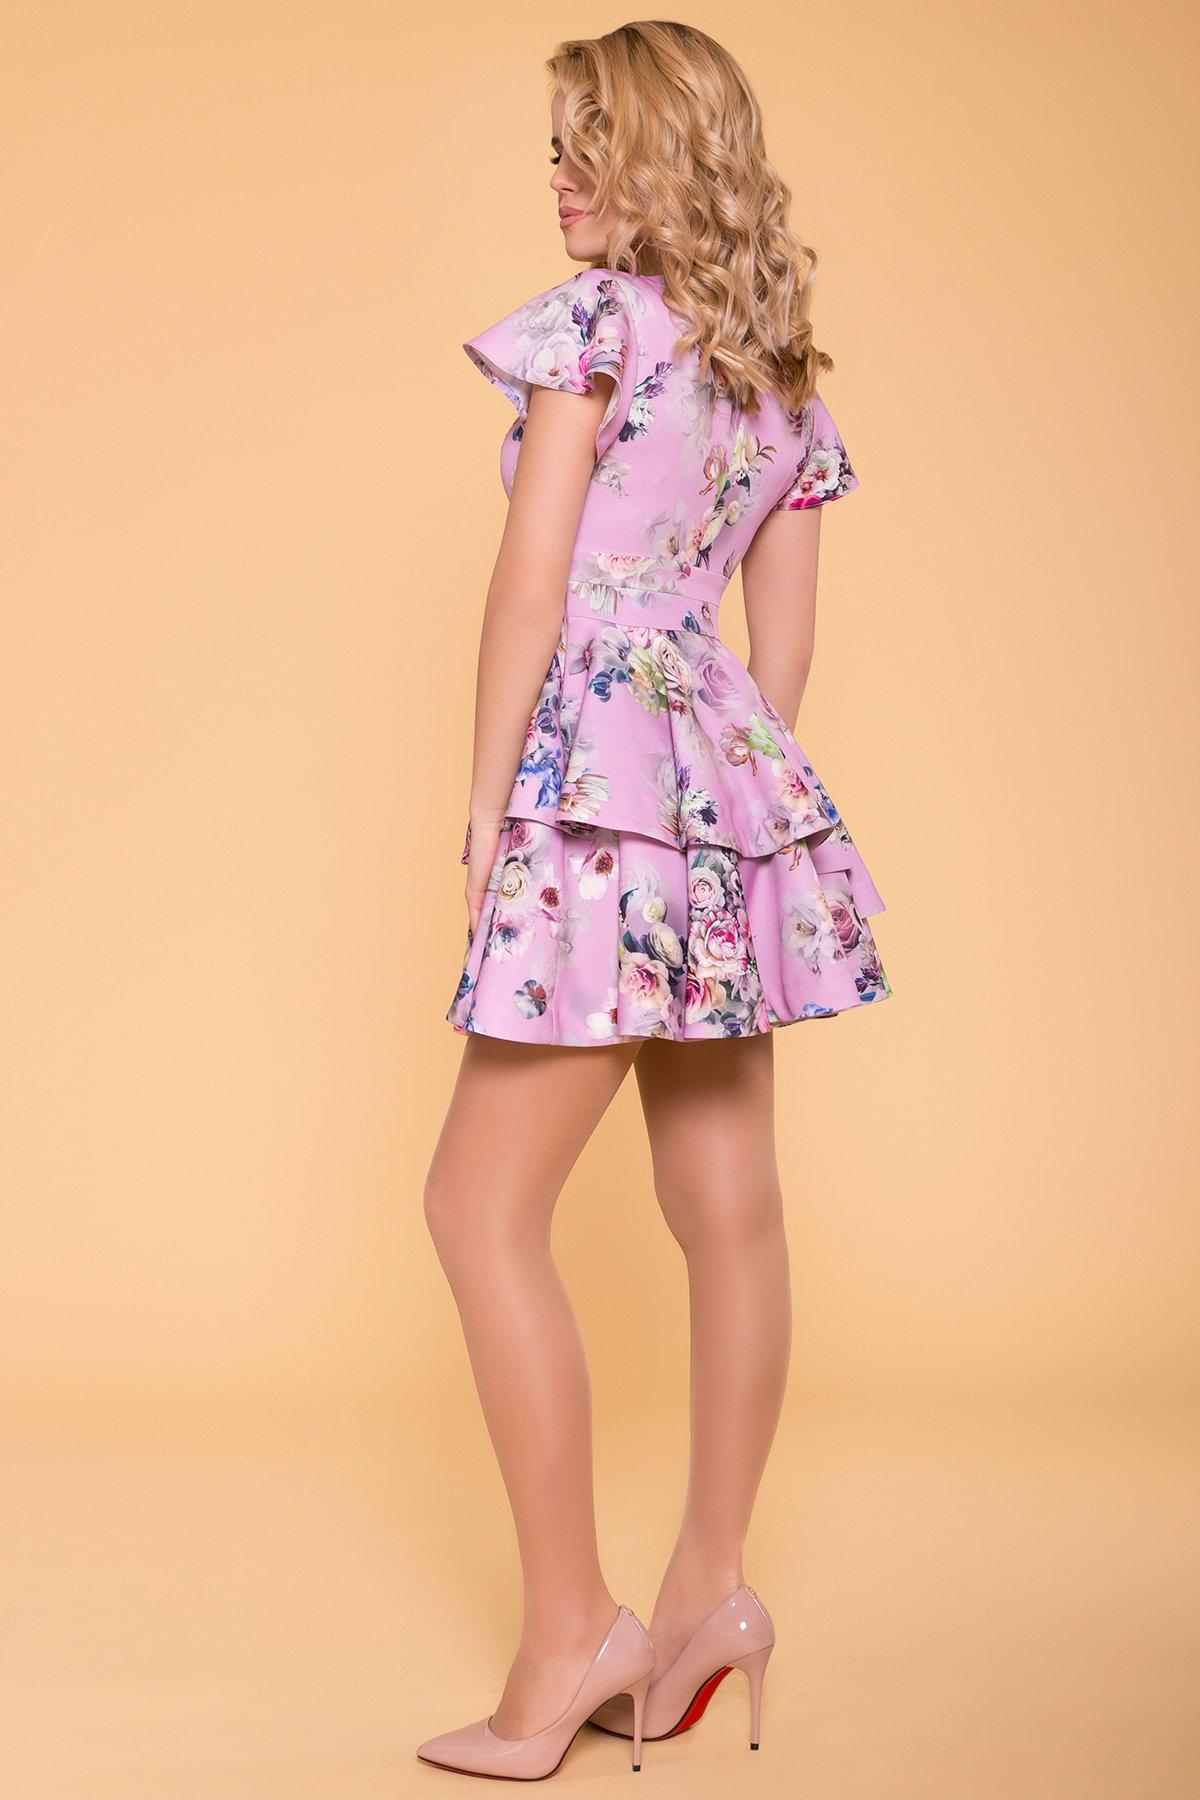 Платье Симур 6785 АРТ. 41882 Цвет: цветы пудра темная - фото 2, интернет магазин tm-modus.ru